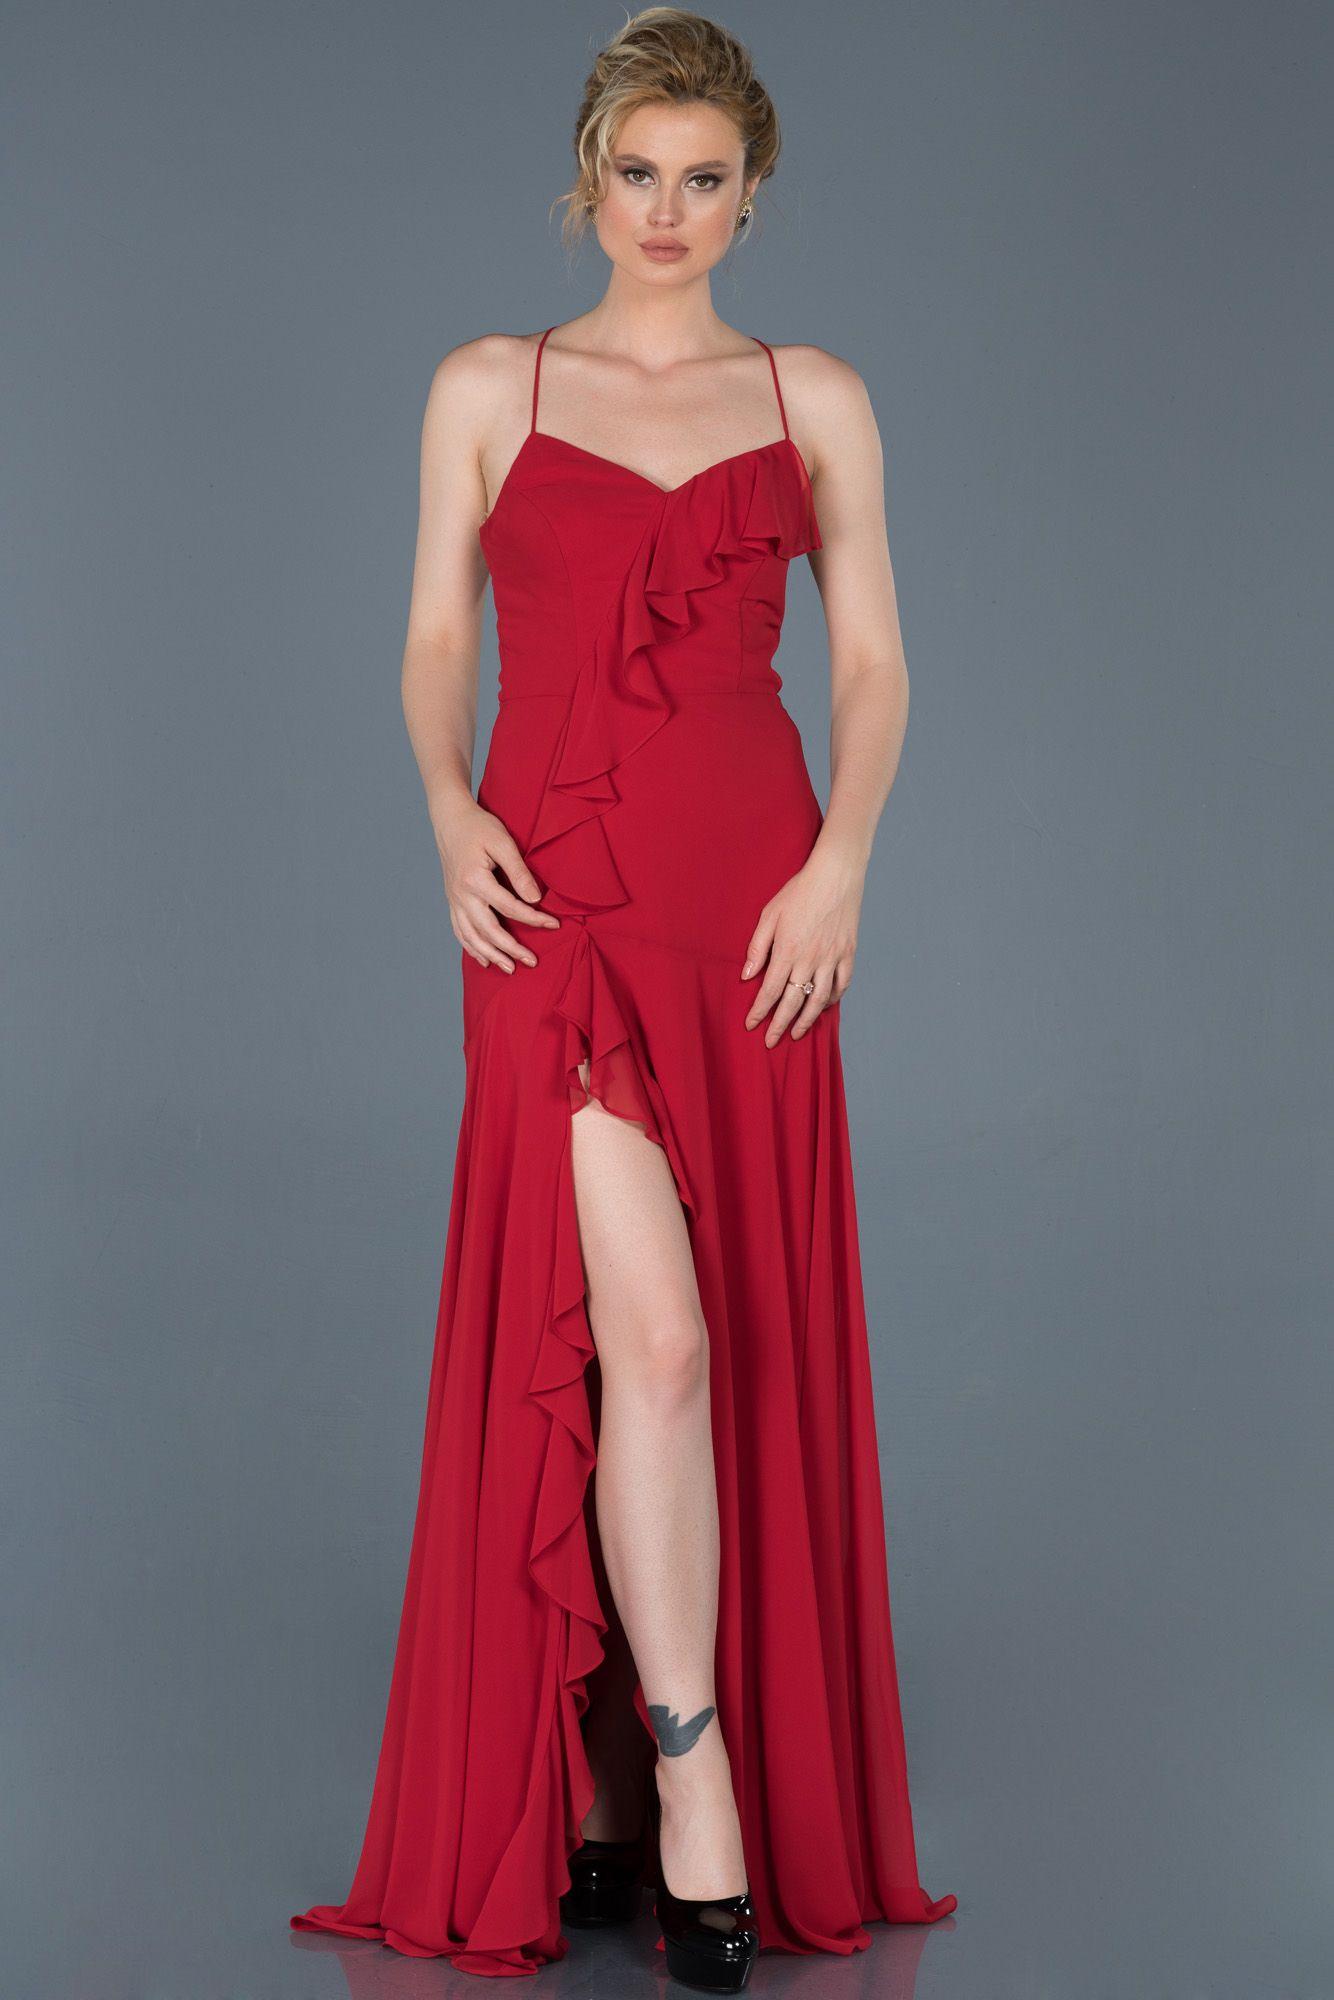 Kirmizi Uzun Bacak Dekolteli Mezuniyet Elbisesi Abu804 2020 Moda Stilleri Elbise Modelleri Elbise